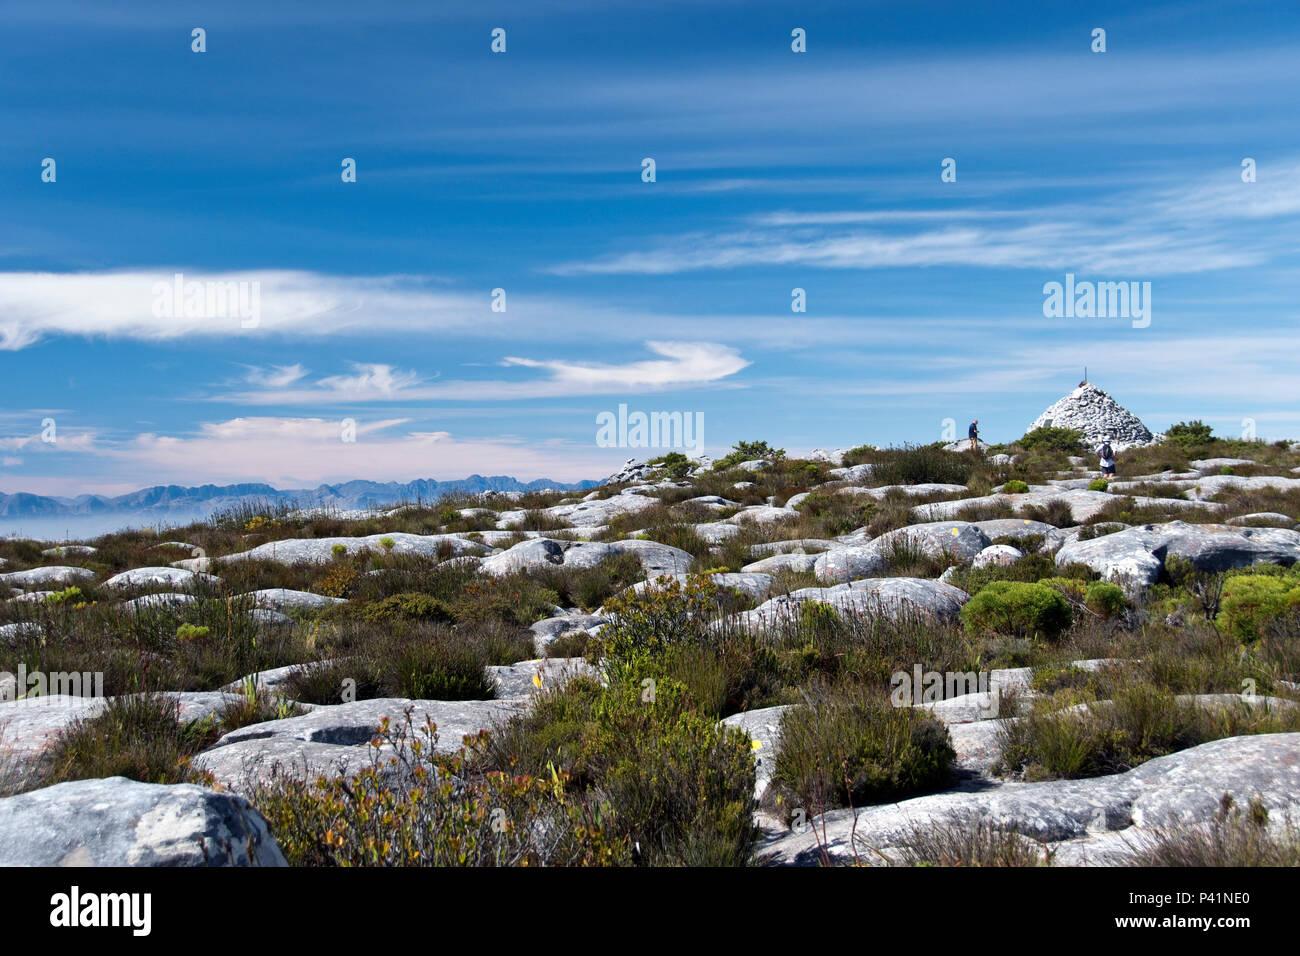 Sentiero per Maclear's faro, un rock cairn sulla Table Mountain, costruito come una stazione di triangolazione per agevolare la misurazione della curva della Terra. Immagini Stock